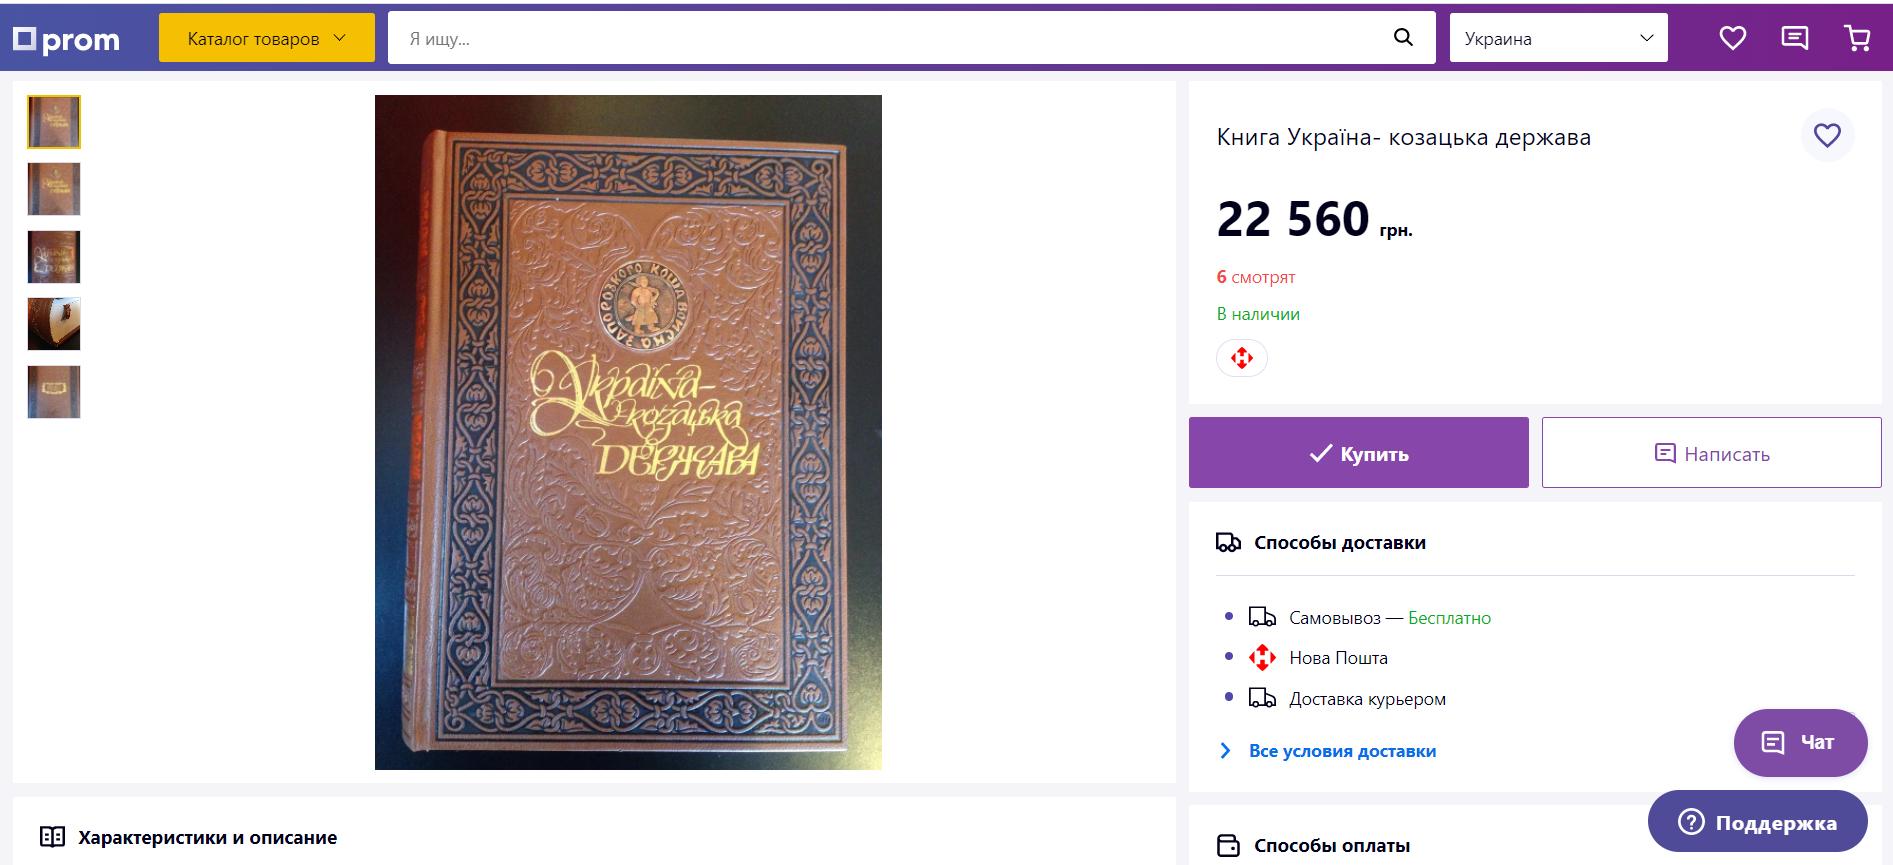 Одне з видань книги вартістю 22,5 тисячі гривень.